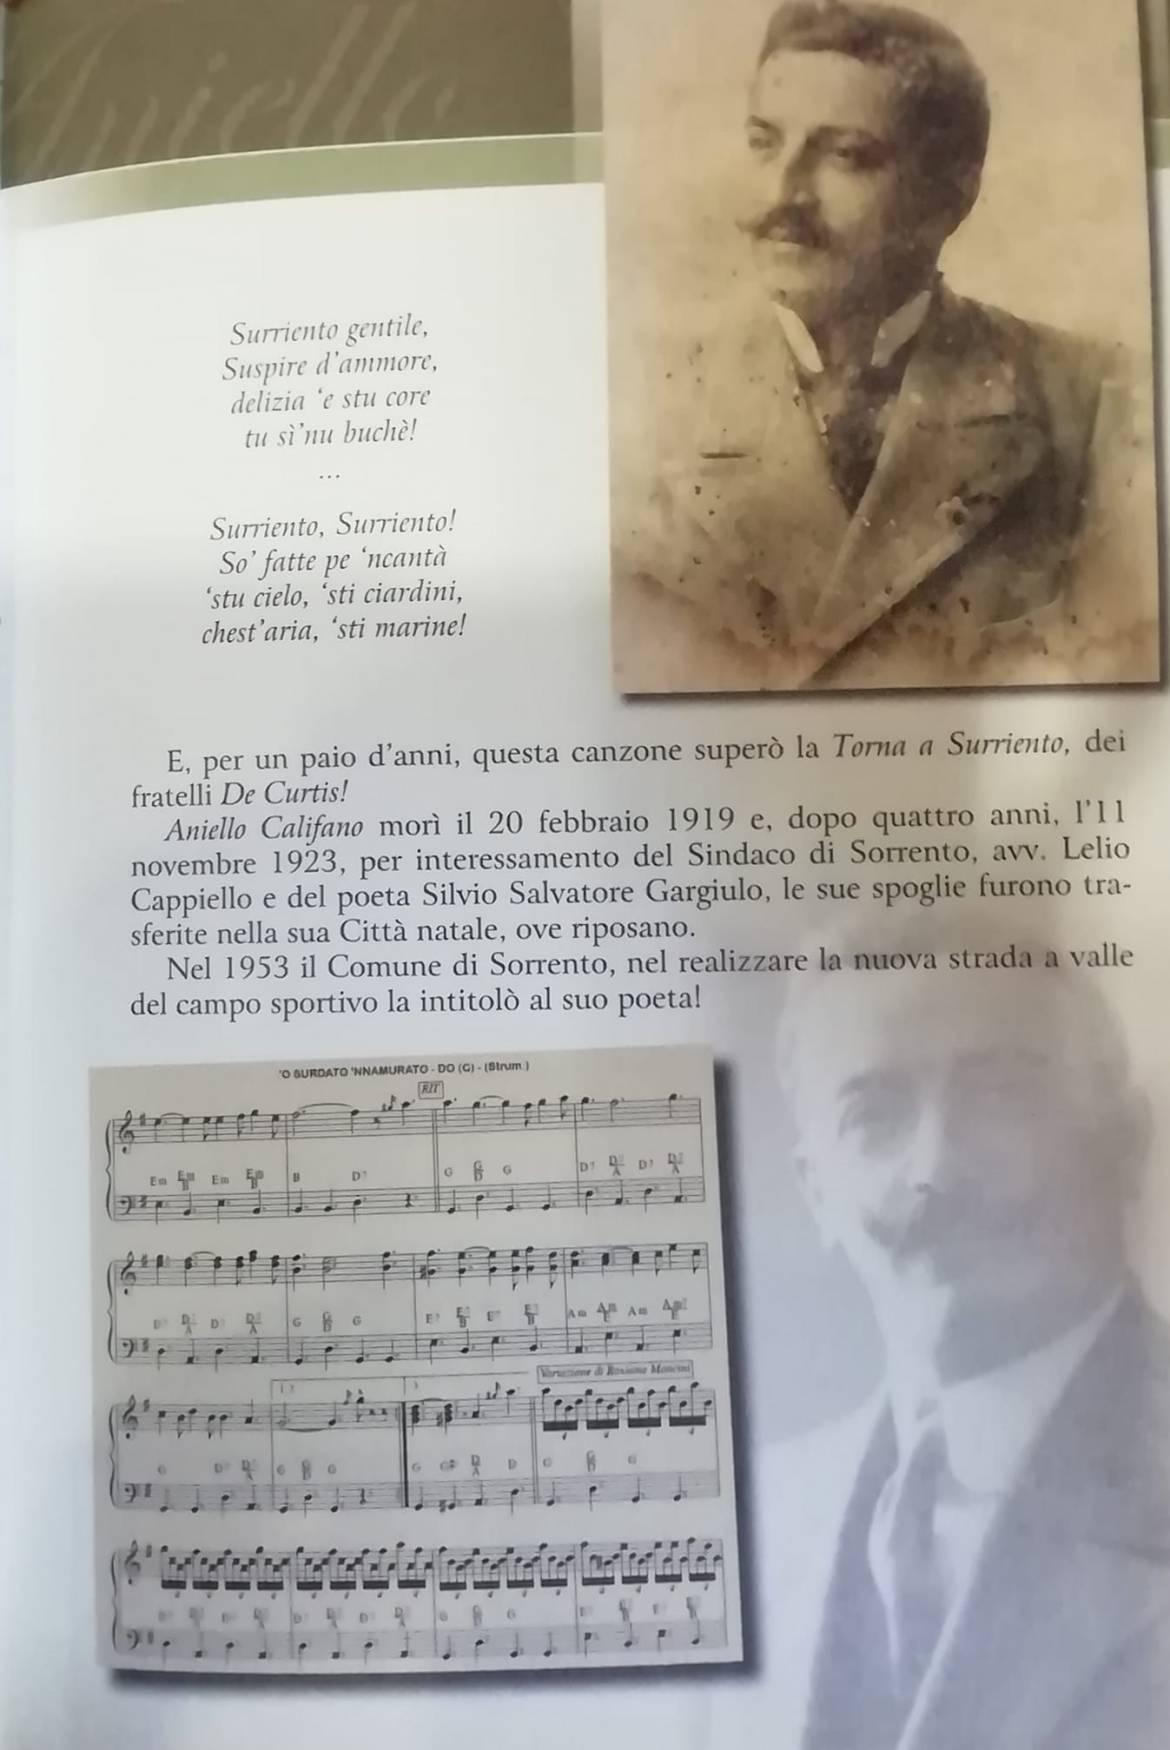 Image may contain: 2 people, text that says 'Surriento gentile, Suspire ammore, delizia stu core tu i'nu buchè! Surriento, Surriento! So' fatte pe 'ncantà 'stu cielo, 'sti ciardini, chest' aria, 'sti marine! paio d'anni, questa canzone superò la Torna Surriento, dei E, per fratelli De Aniello Califano morì il 20 febbraio 1919 e, dopo quattro anni, l'11 novembre 1923, per interessamento del Sindaco Sorrento, avv. Lelio Cappiello del poeta Silvio Salvatore Gargiulo, le sue spoglie furono tra- sferite nella sua Città natale, riposano. 1953 Comune Sorrento, realizzare la nuova strada del campo sportivo la intitolò suo poeta! 'OBURDATO NNAMURATO. 0(G (Strum) valle'